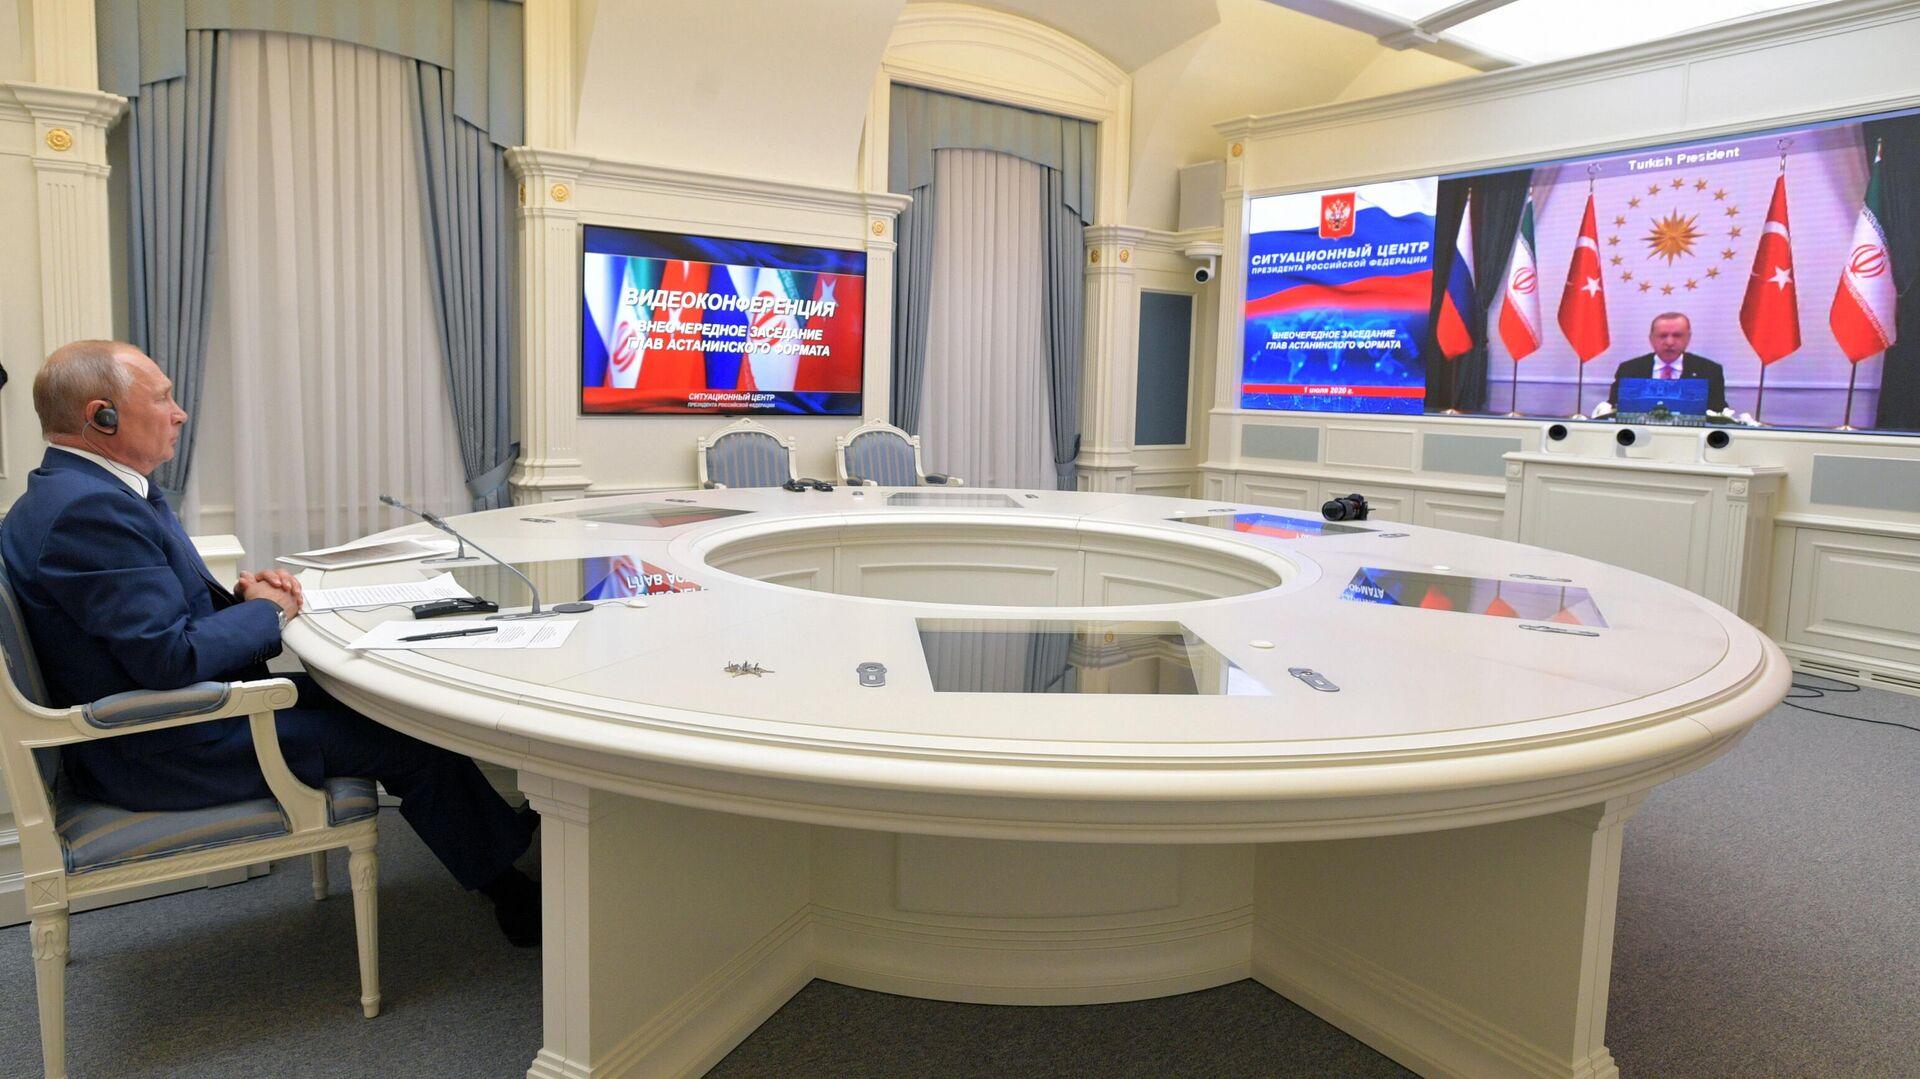 Президент РФ Владимир Путин участвует в саммите по сирийскому урегулировани в астанинском формате - РИА Новости, 1920, 01.03.2021